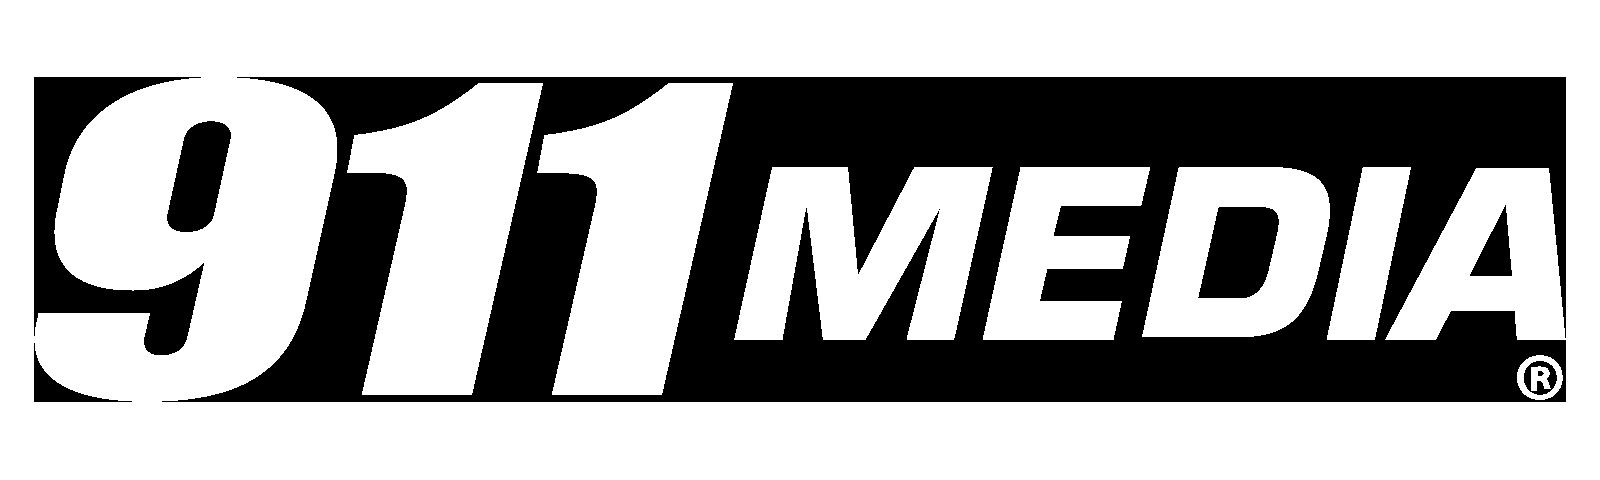 911MEDIA